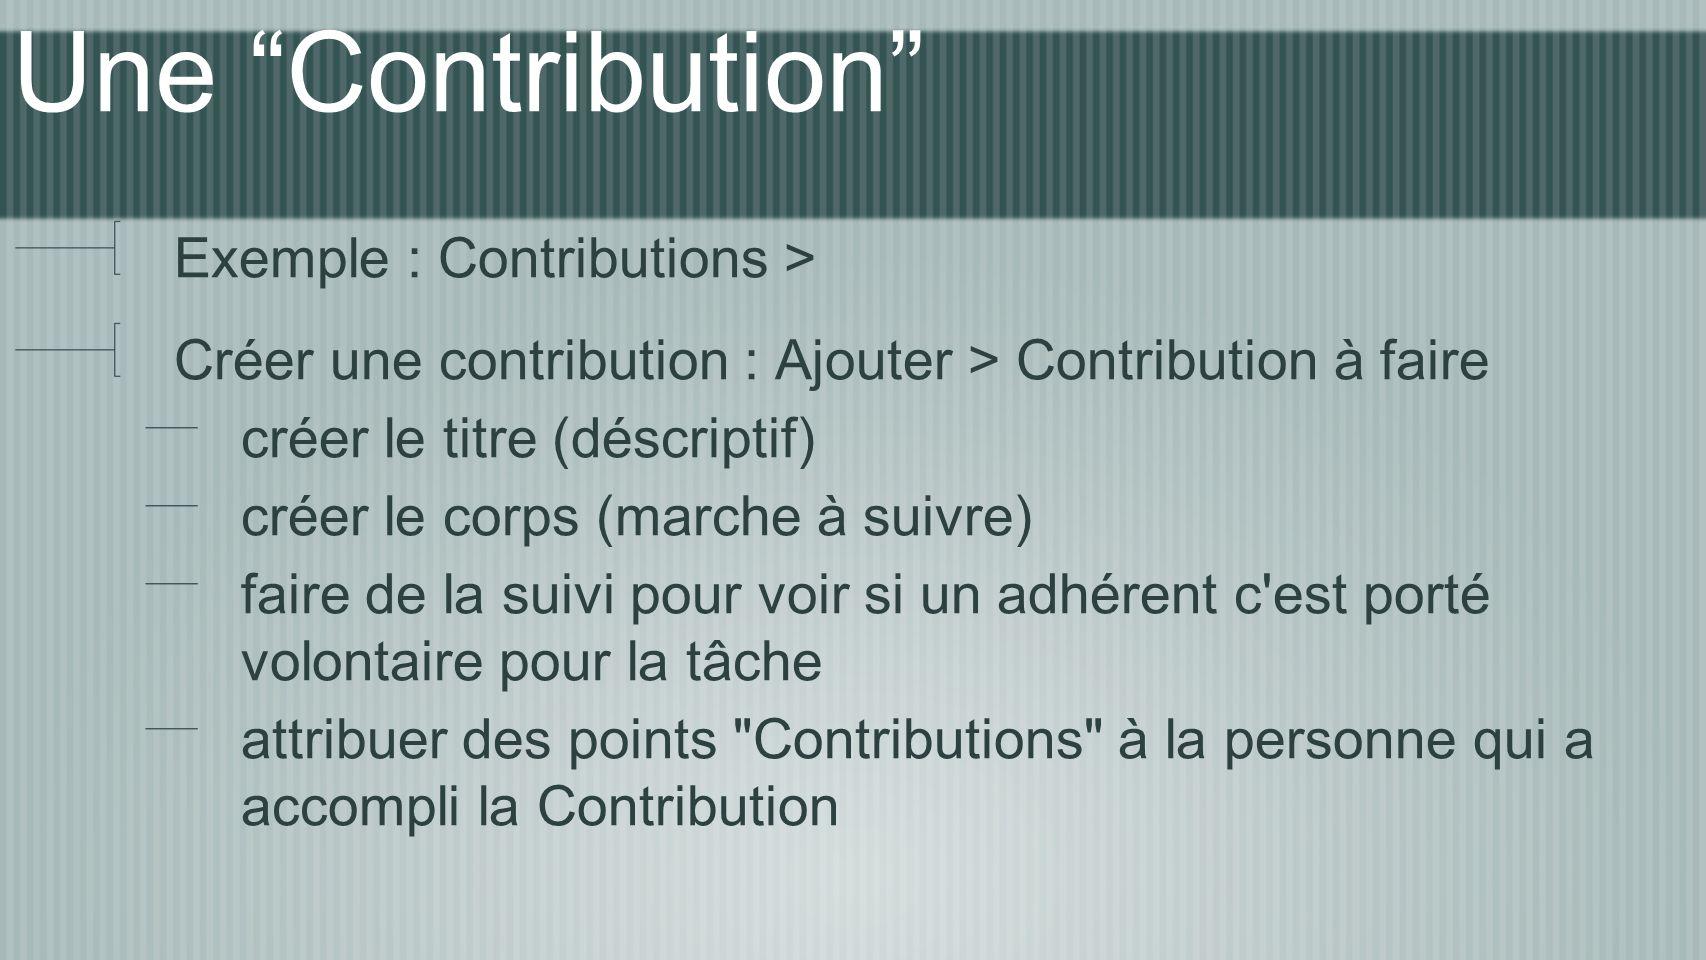 Une Contribution Exemple : Contributions > Créer une contribution : Ajouter > Contribution à faire créer le titre (déscriptif) créer le corps (marche à suivre) faire de la suivi pour voir si un adhérent c est porté volontaire pour la tâche attribuer des points Contributions à la personne qui a accompli la Contribution